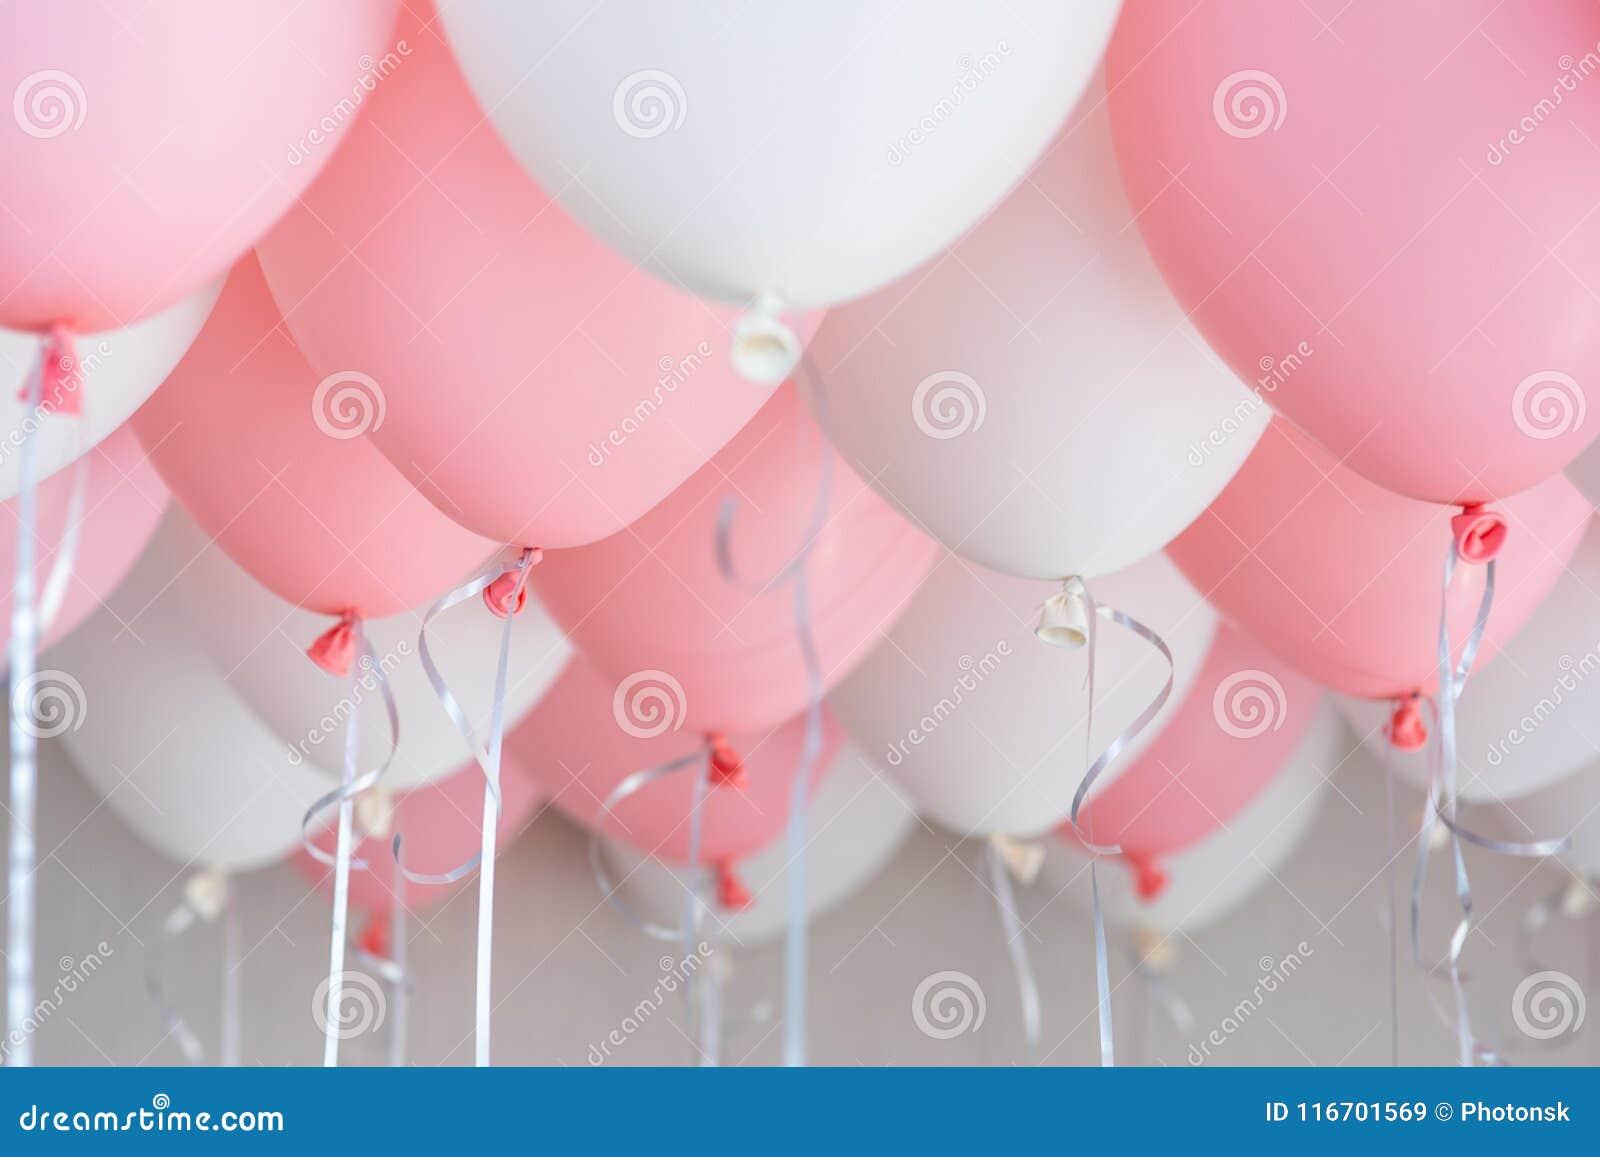 Ballons colorés, rose, blanc, flammes Ballon d hélium flottant en fête d anniversaire Ballon de concept de l amour et